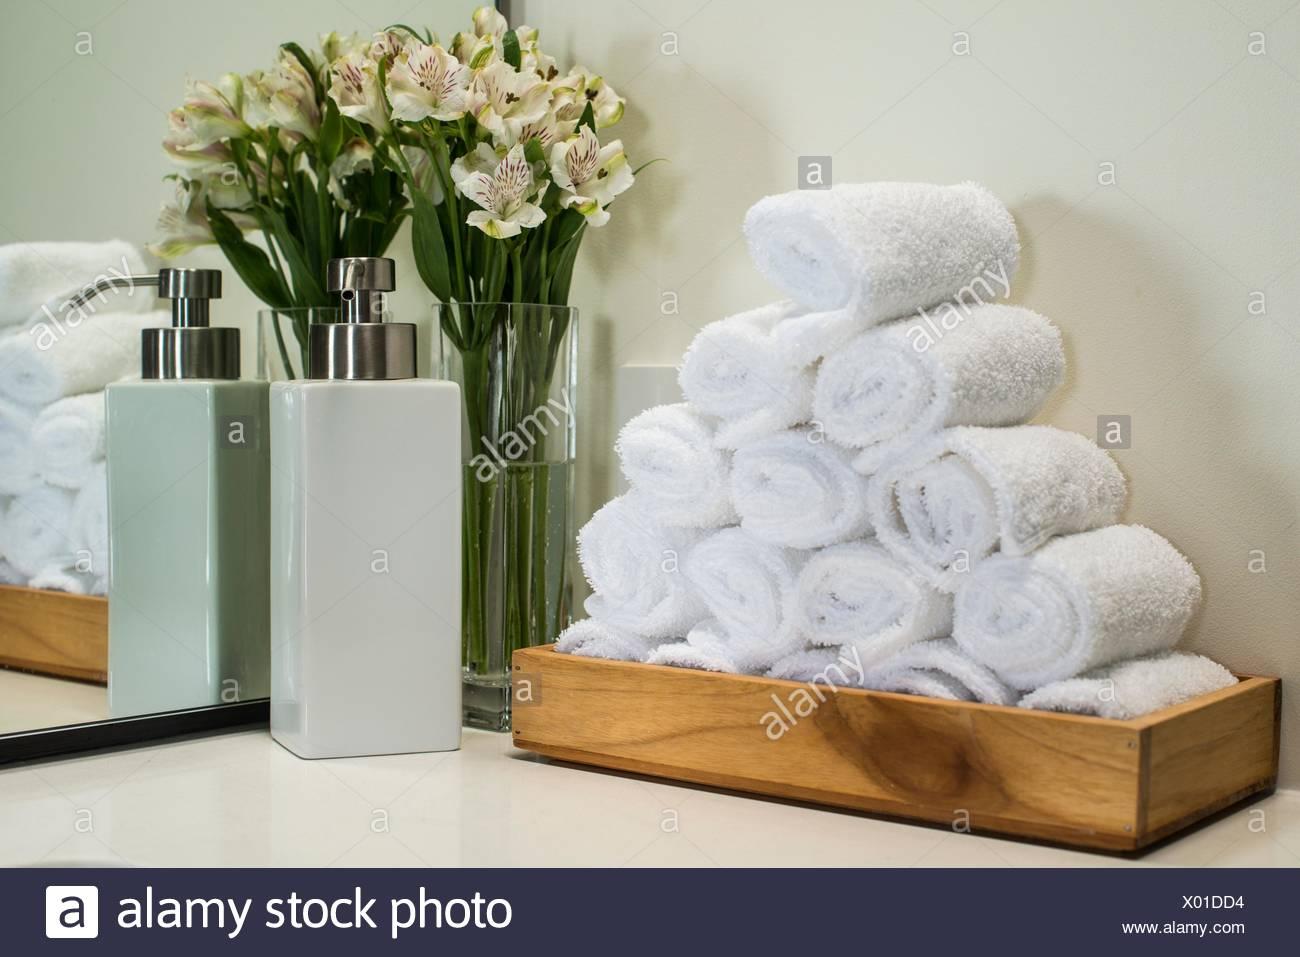 Handtücher und Blumen in einem Badezimmer Stockfoto, Bild: 275398400 ...